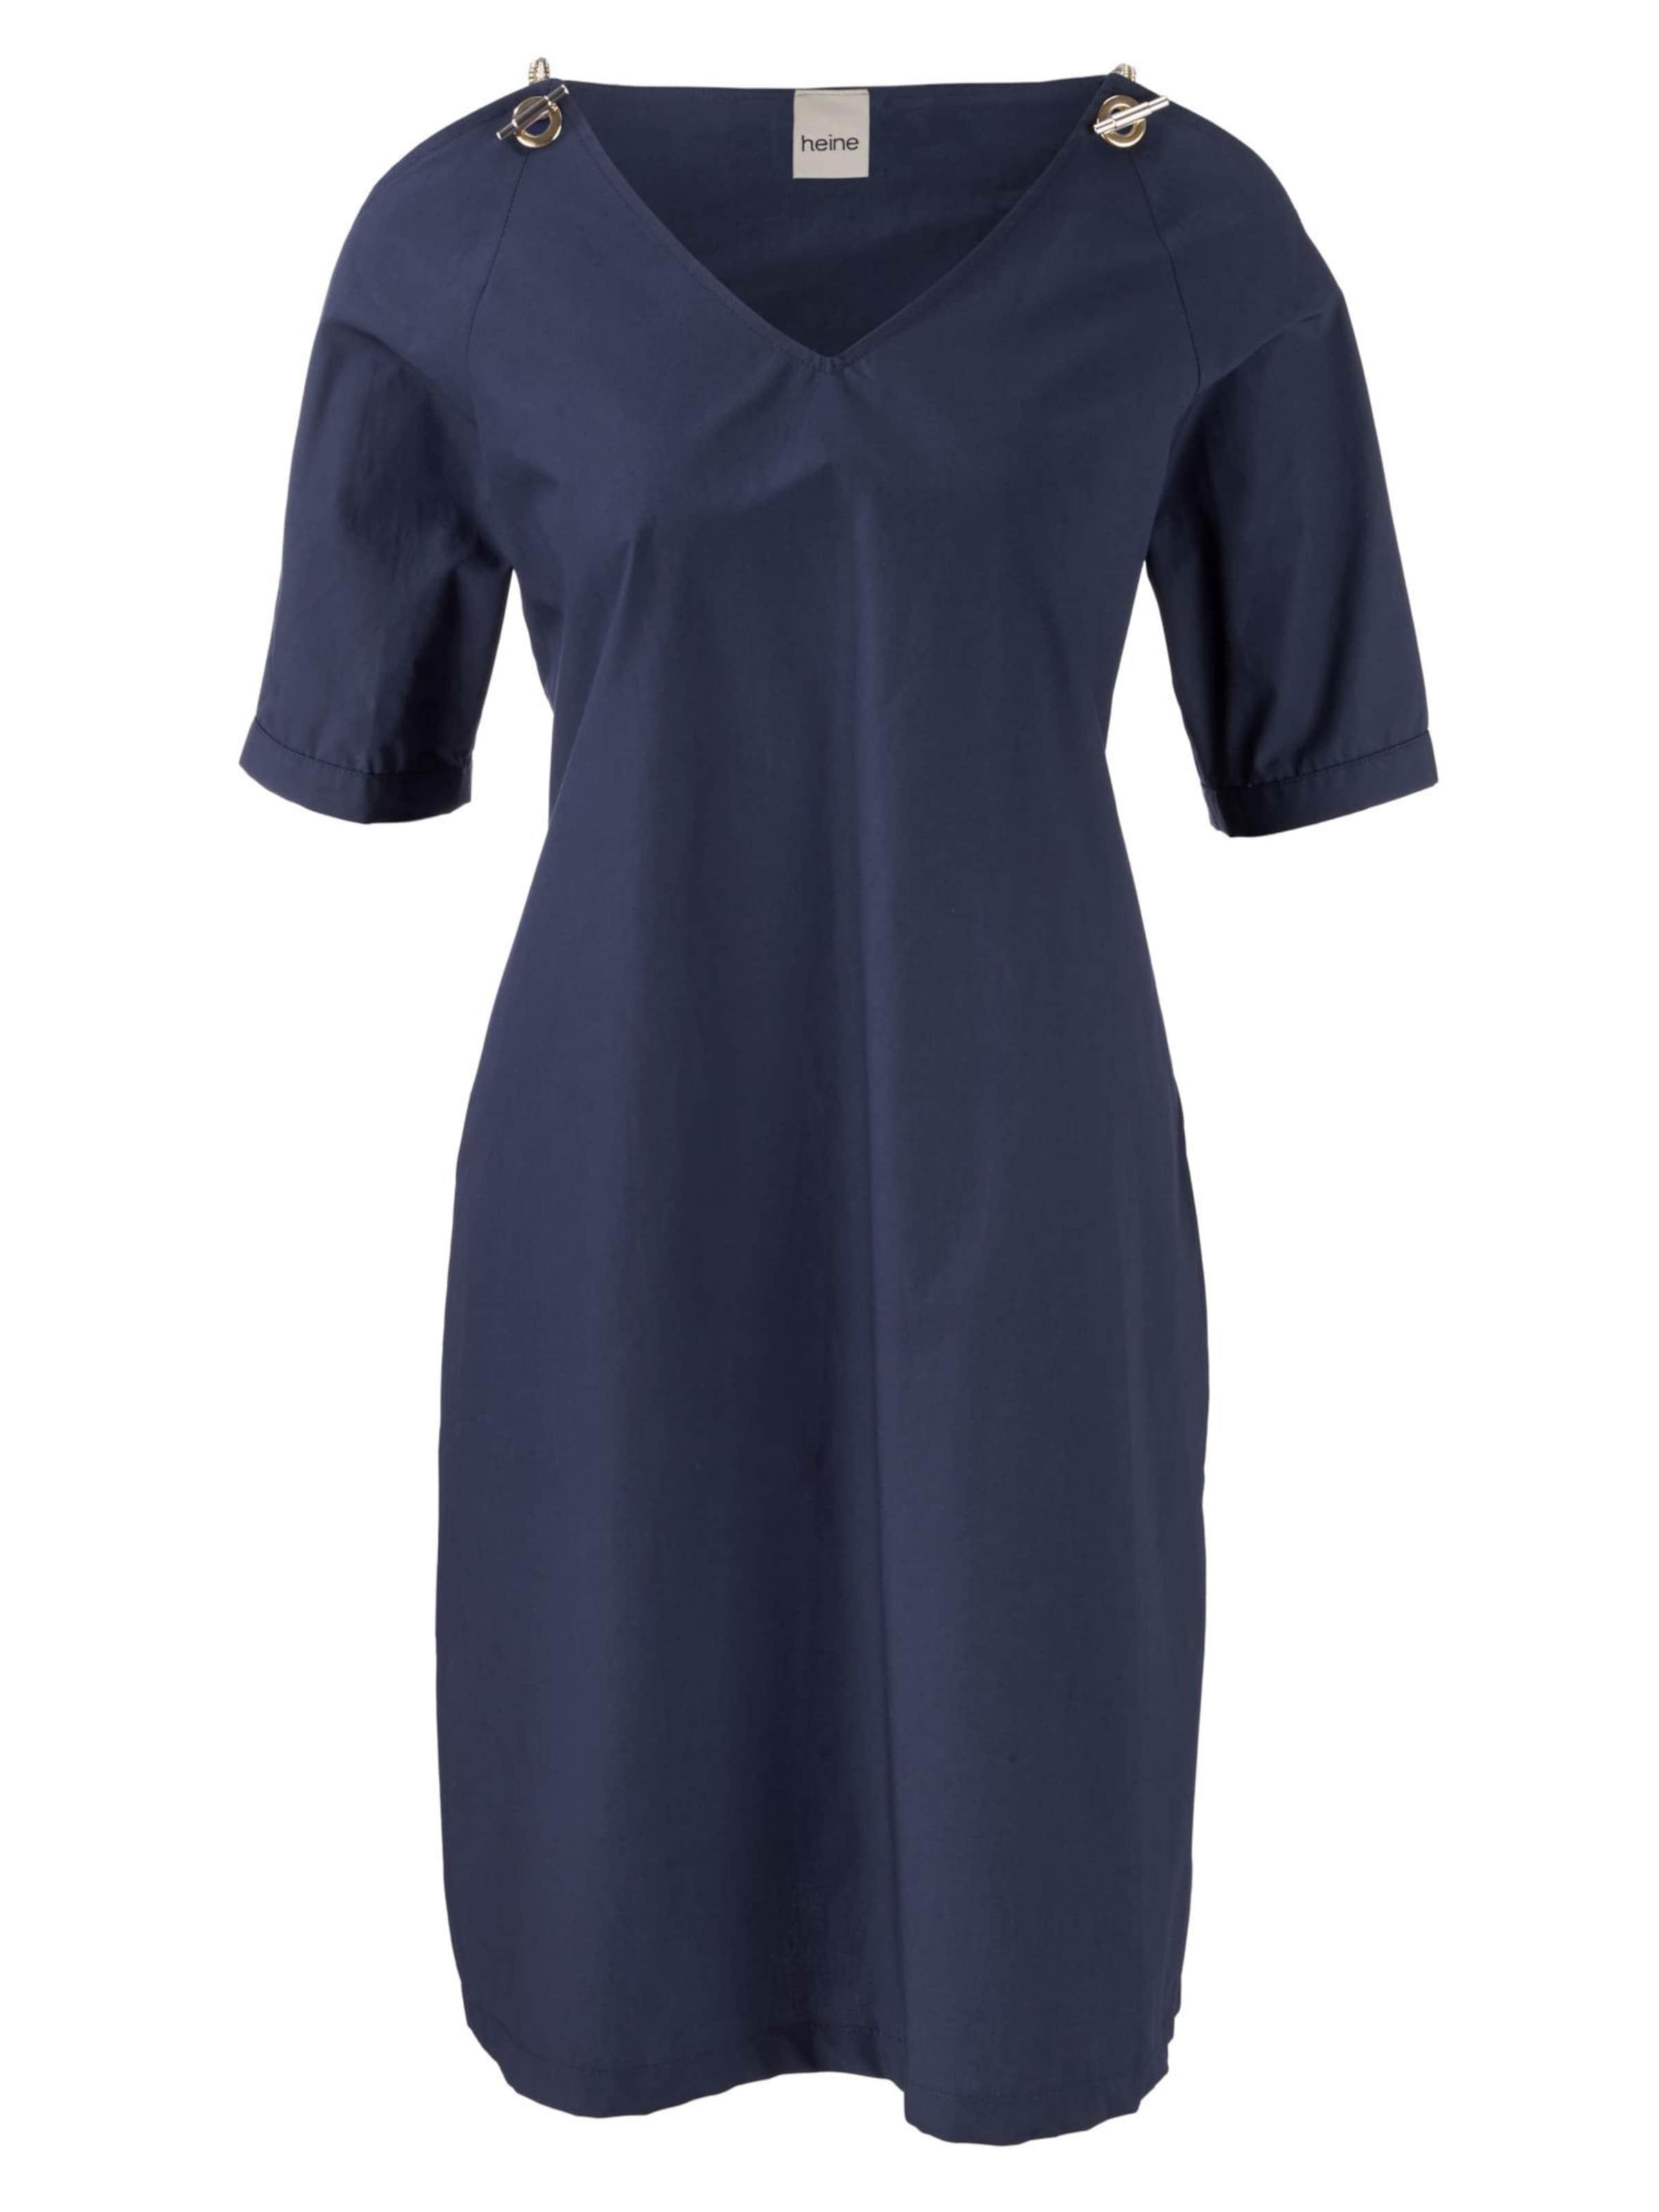 In Heine Nachtblau Trägern Extravaganten Mit Kleid wZPilTOkXu